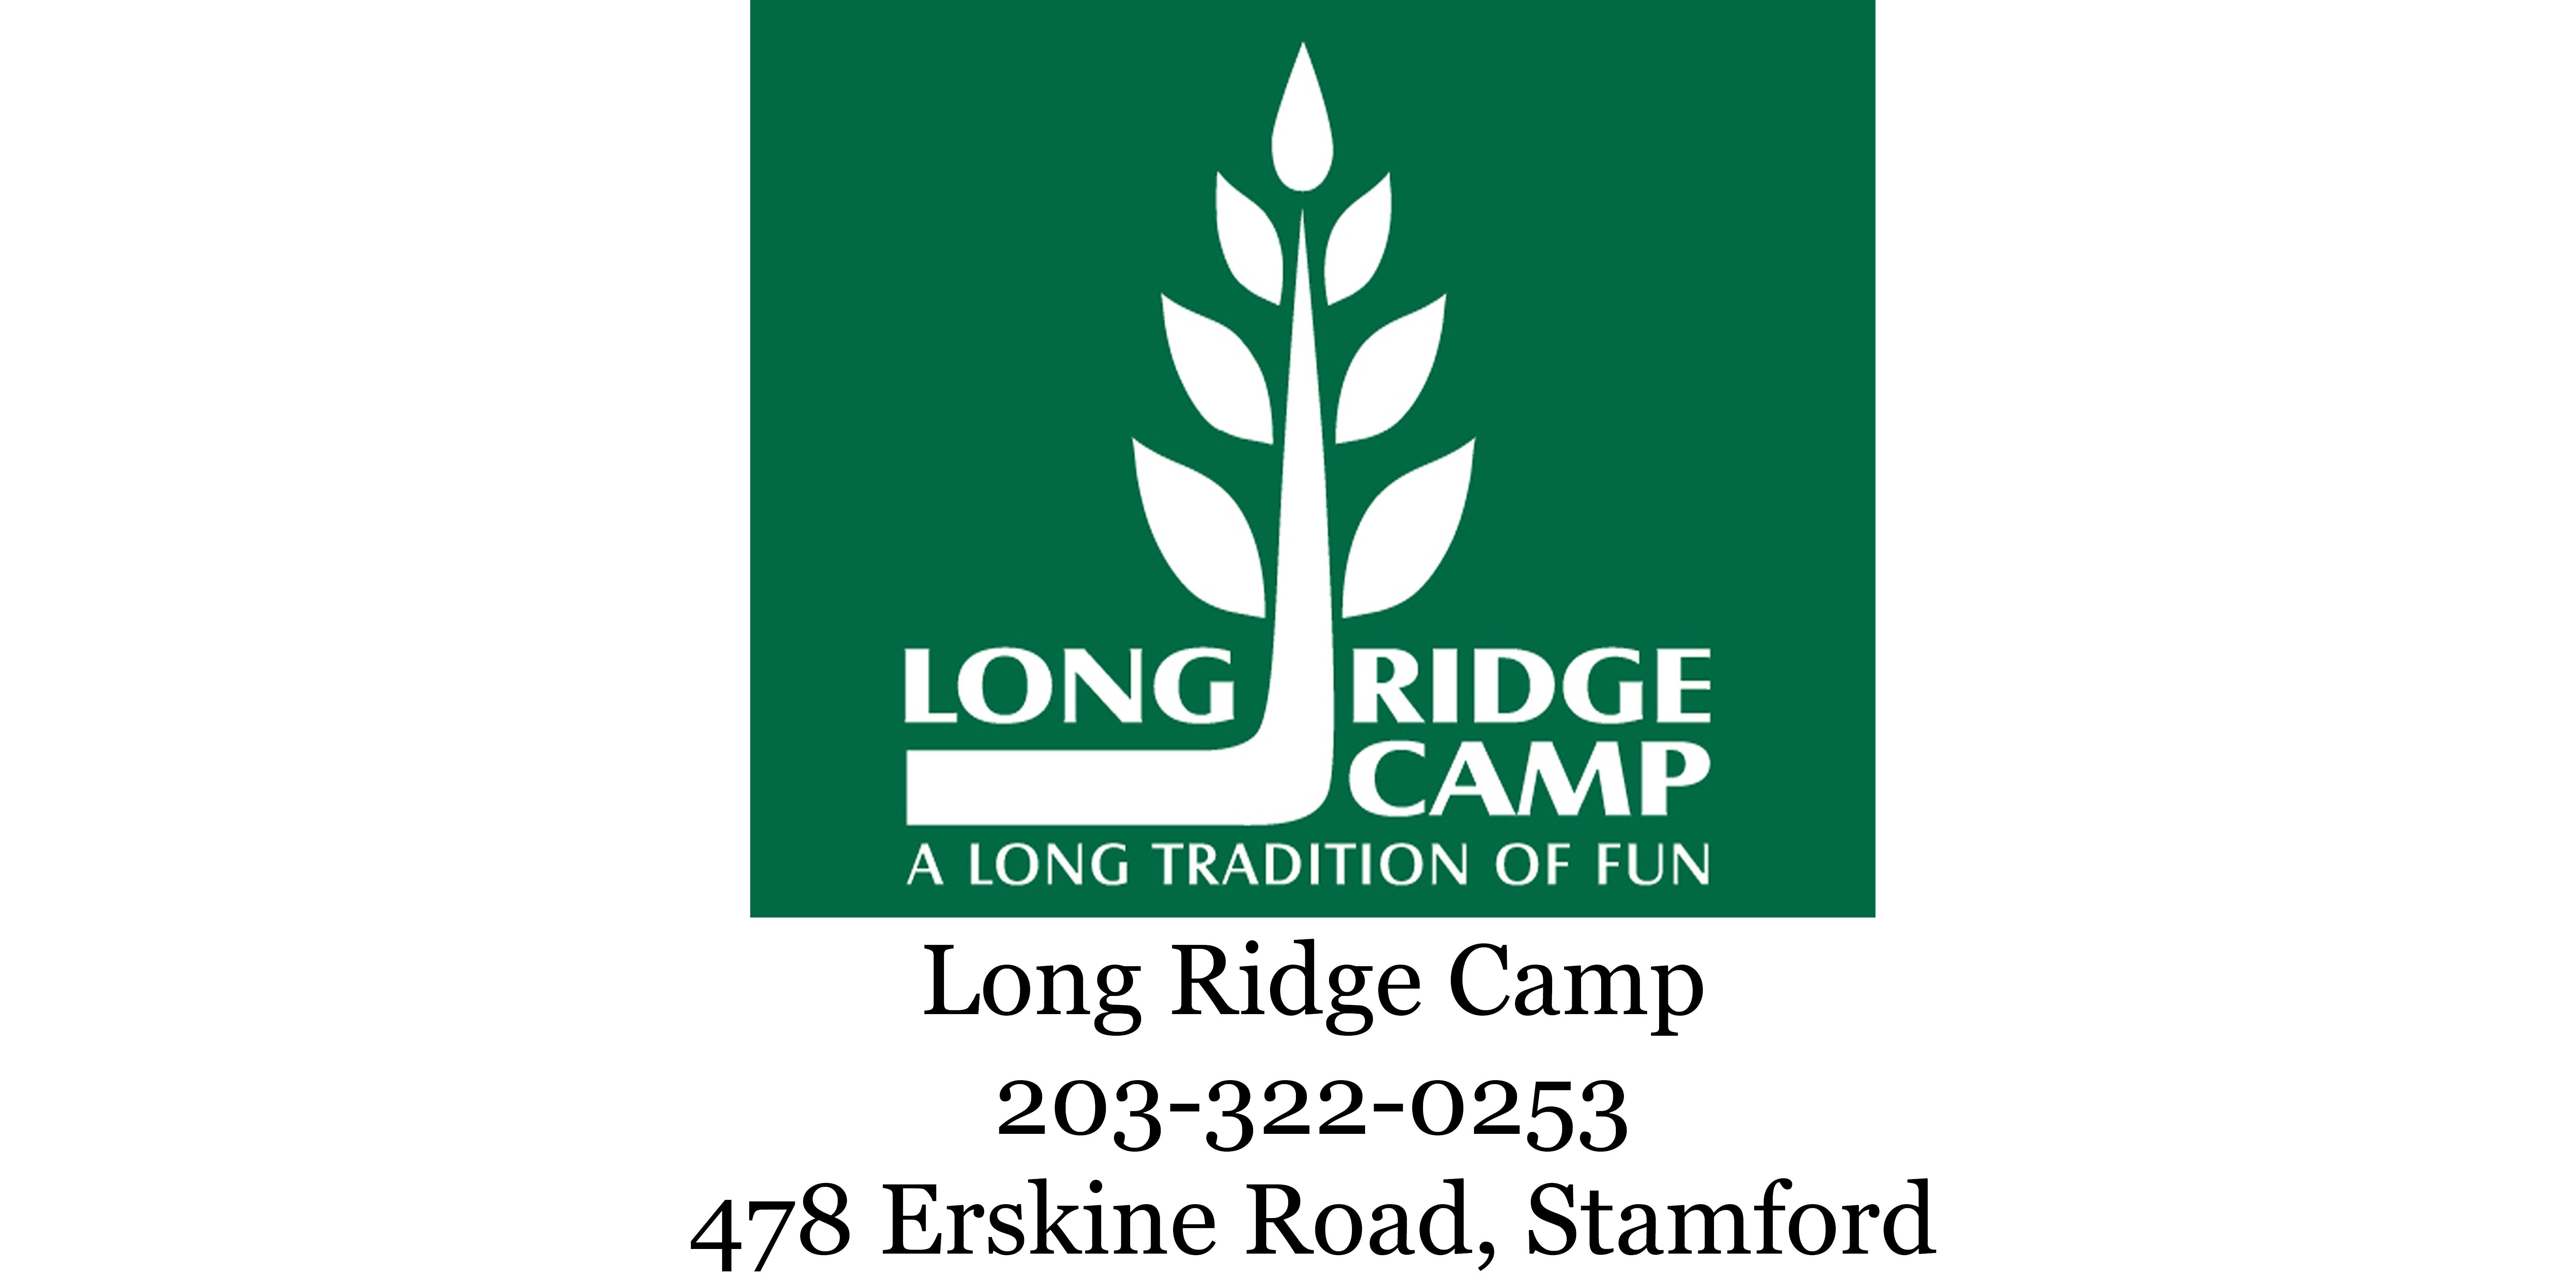 Long-Ridge-Camp.jpg